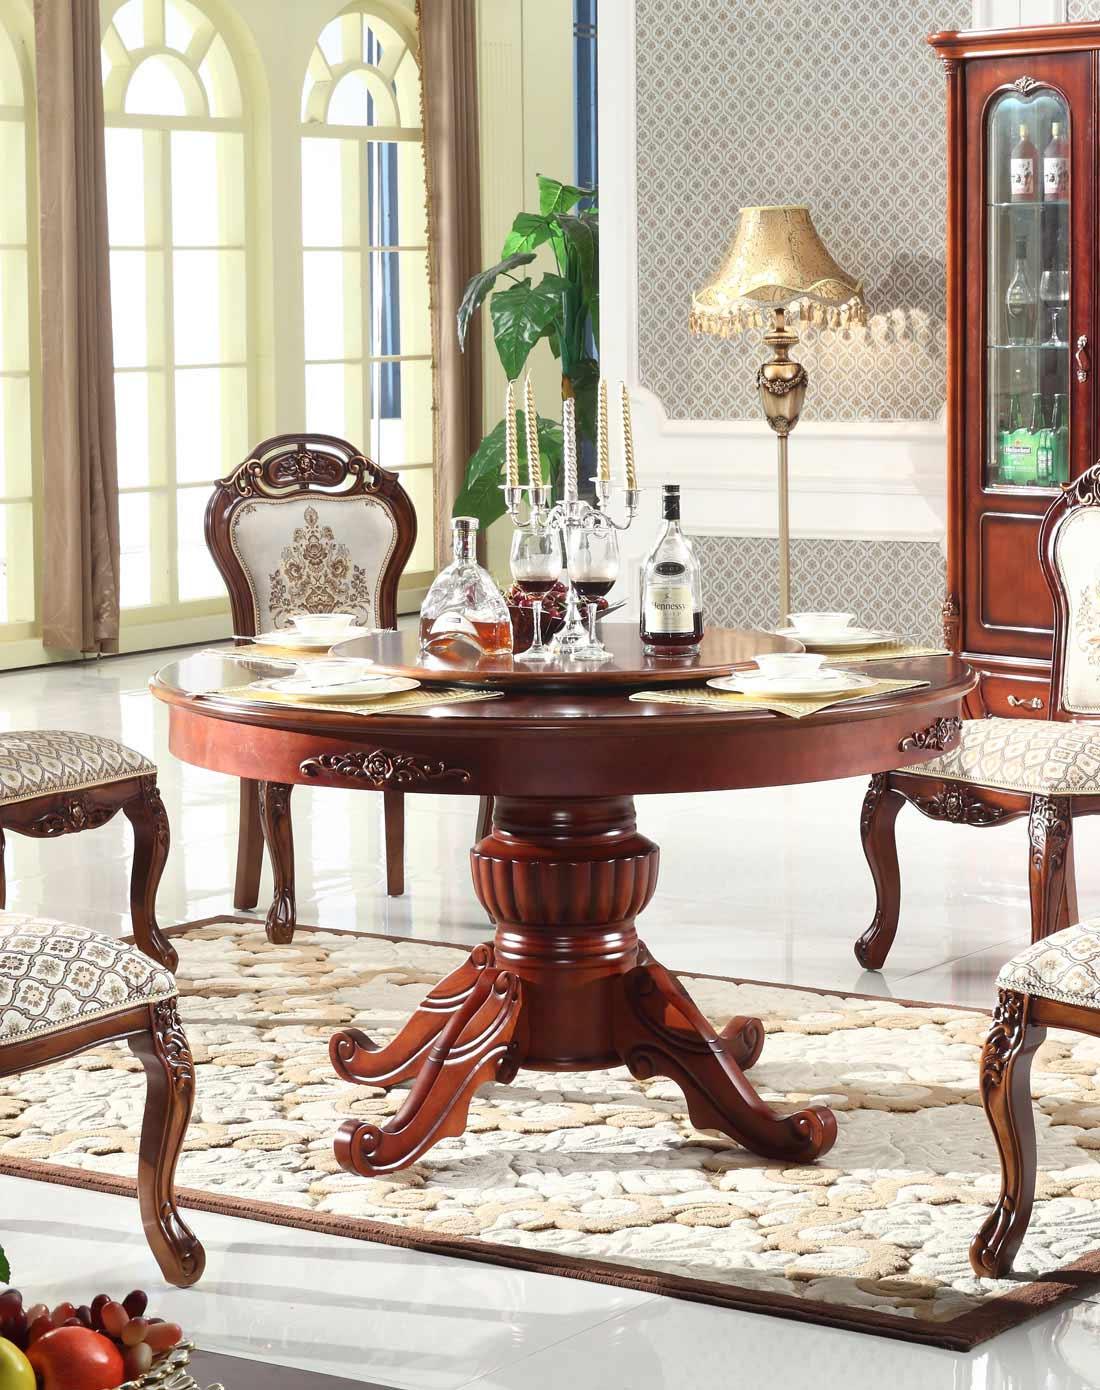 凯哲家具专场欧式古典全实木圆餐桌